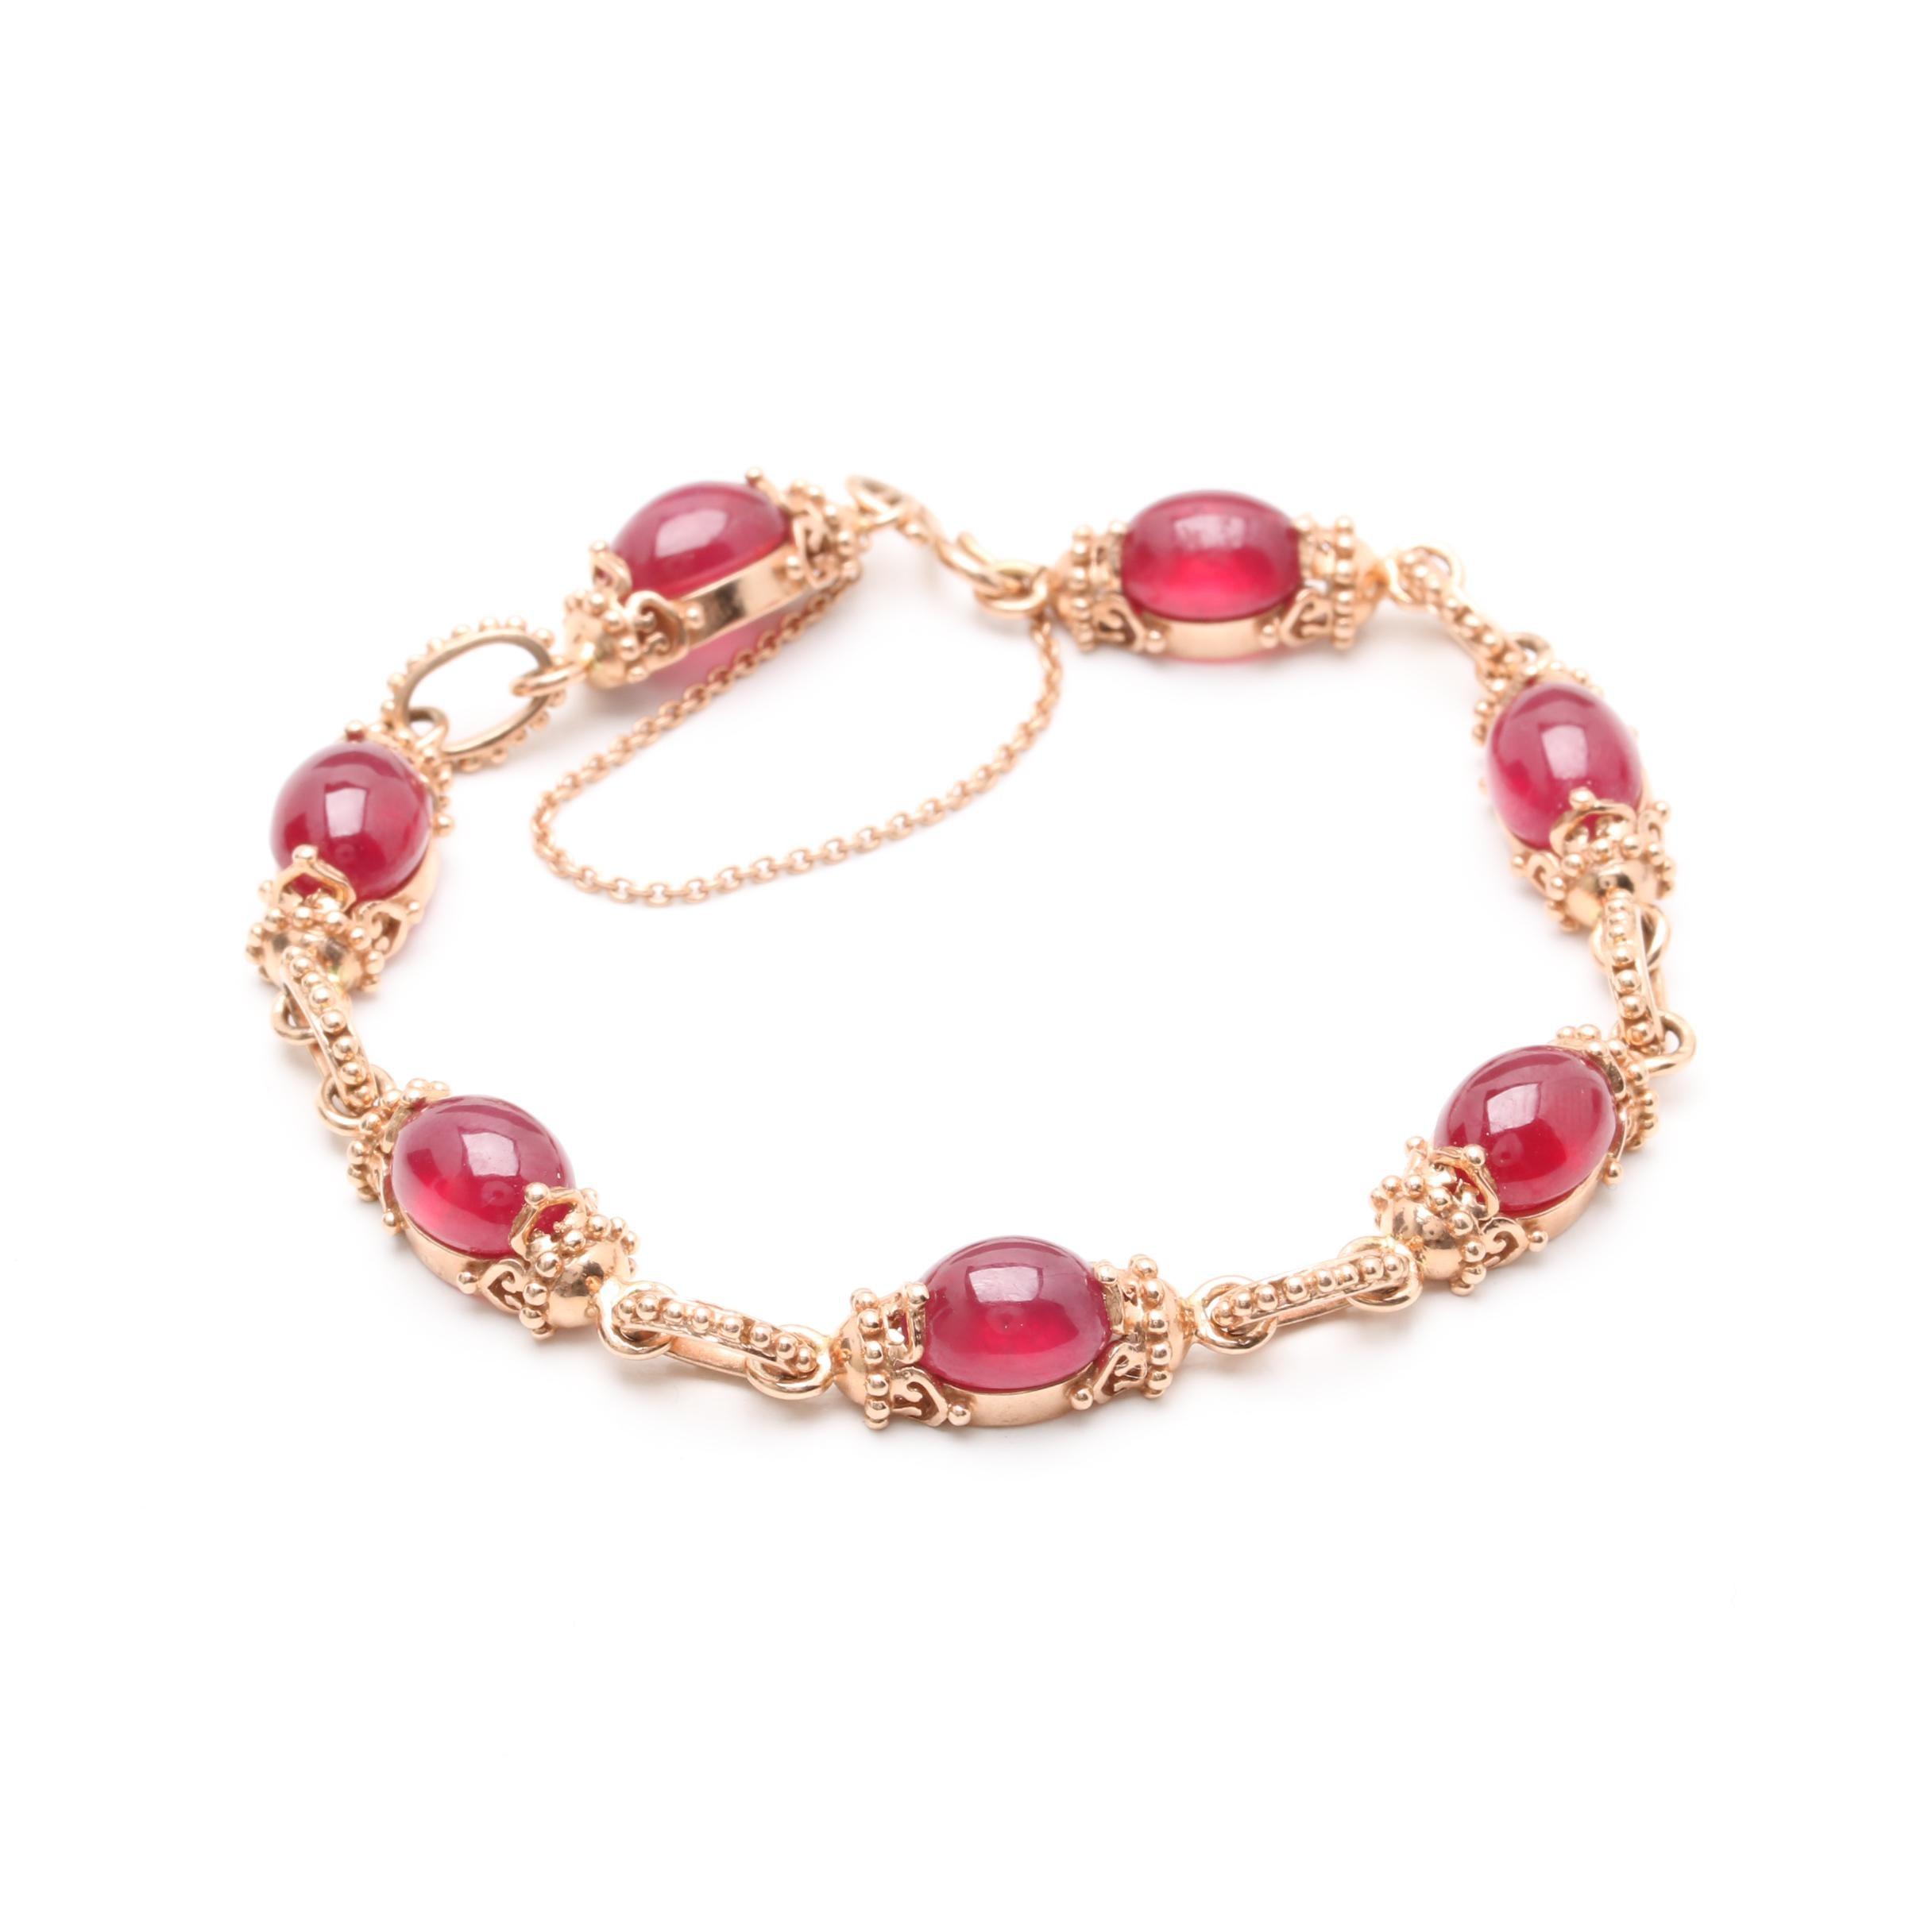 14K Rose Gold Filled Corundum Bracelet